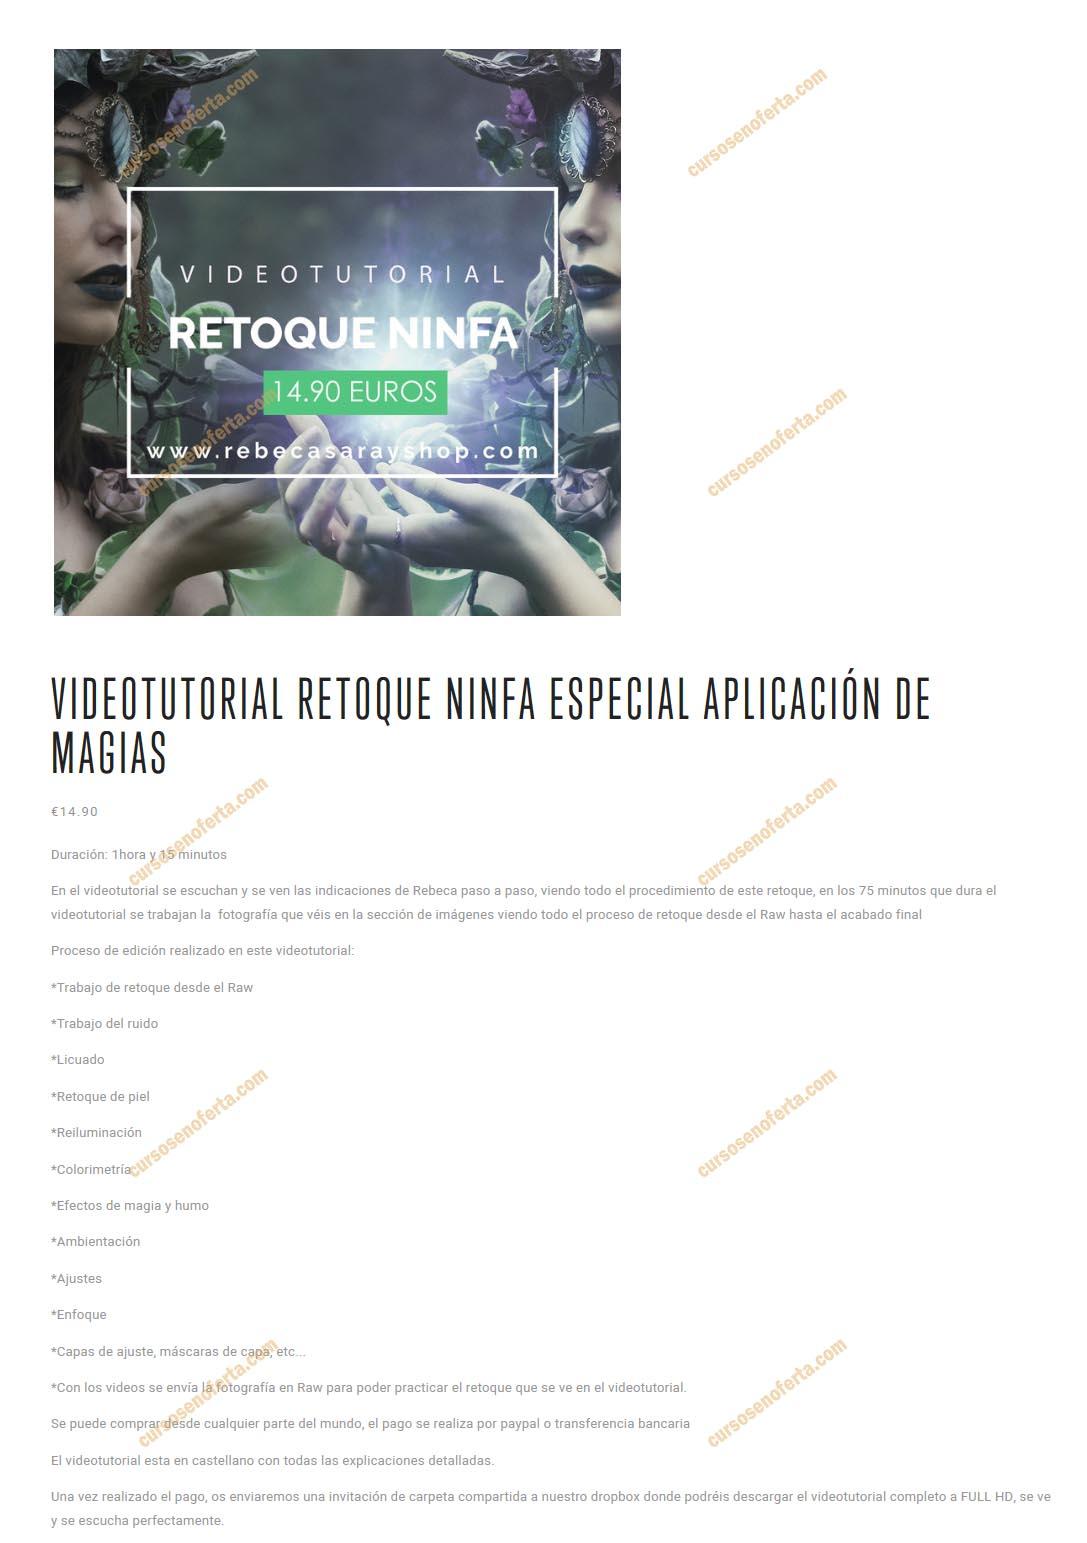 Video Tutorial Retoque Ninfa